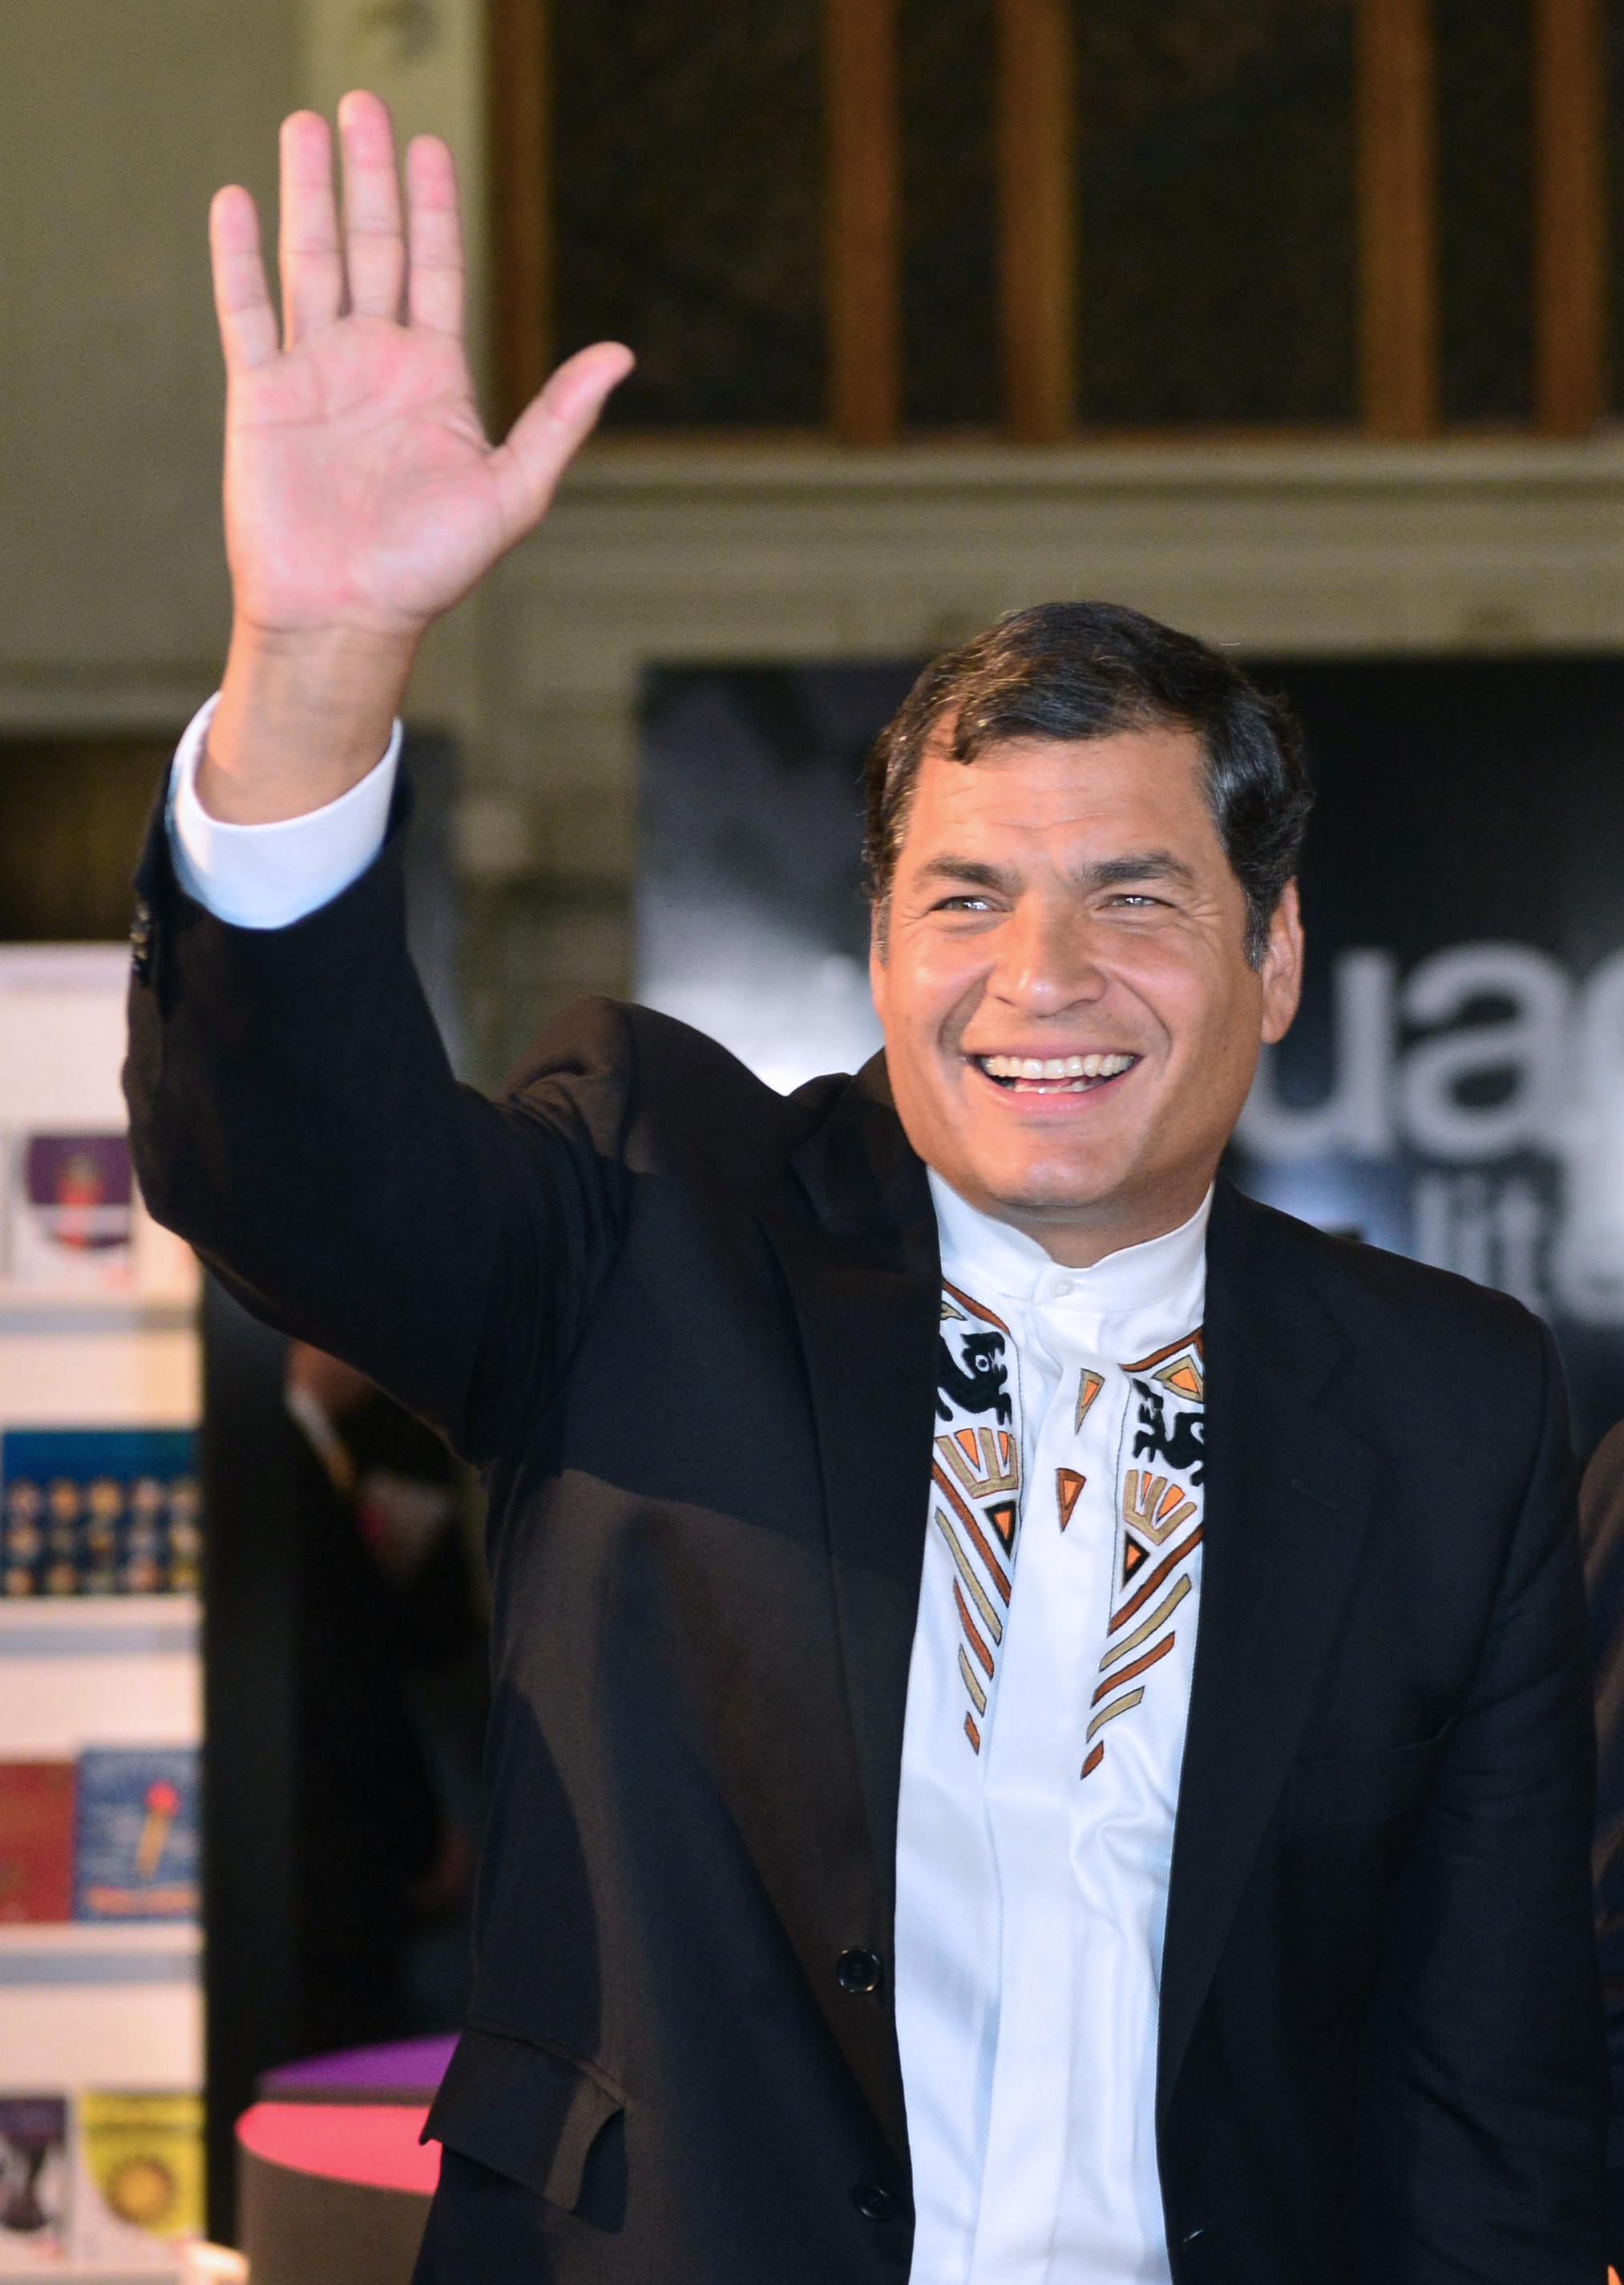 США намерены повлиять на предстоящие выборы в Эквадоре, уверен сторонник Ассанжа